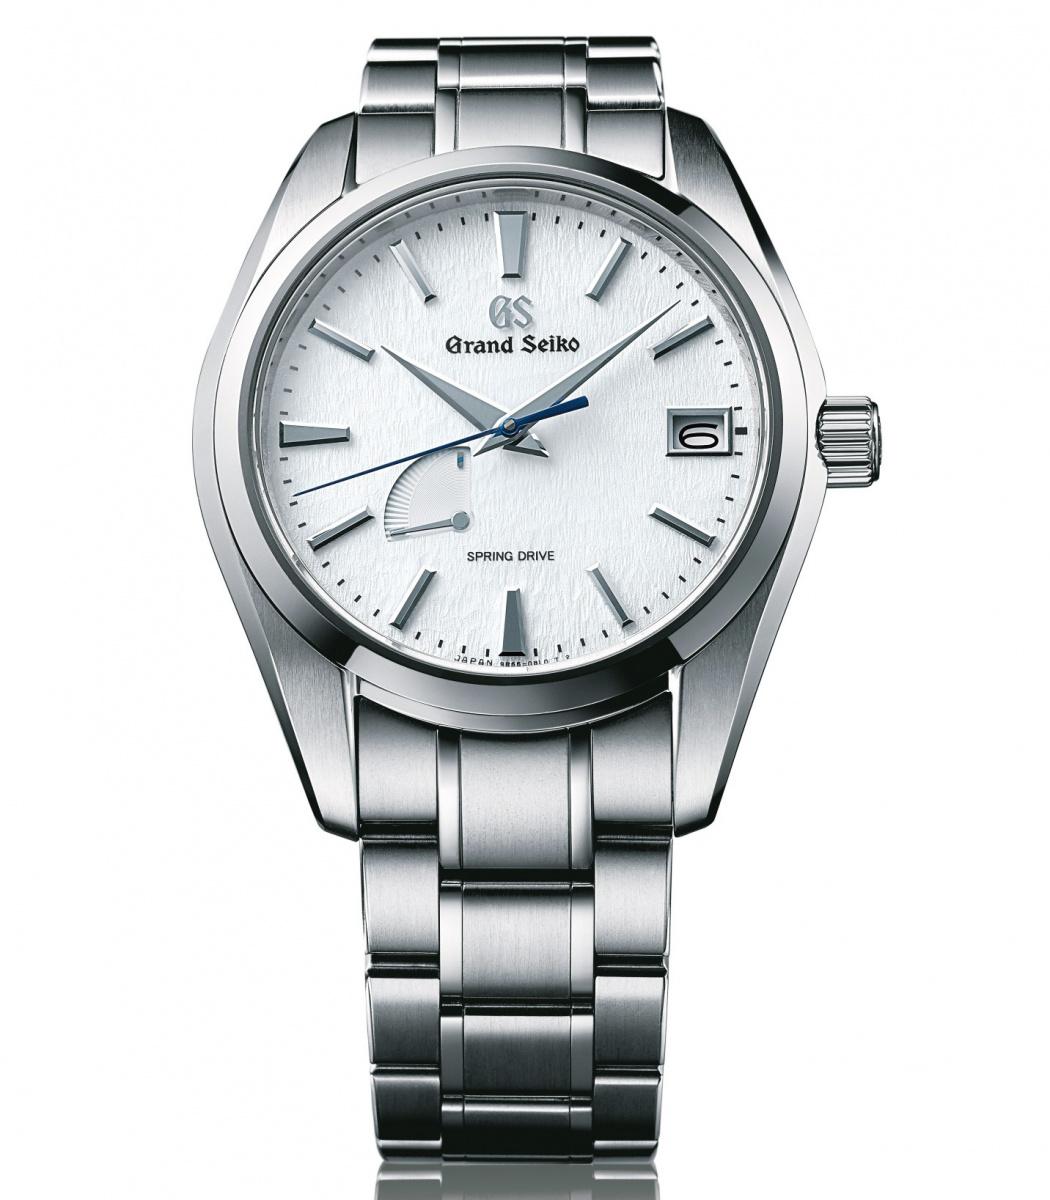 腕時計×アートの華麗なる競演が再び! ミラノ・デザインウィーク2019に出展する、「グランドセイコー」のインスタレーションに注目。